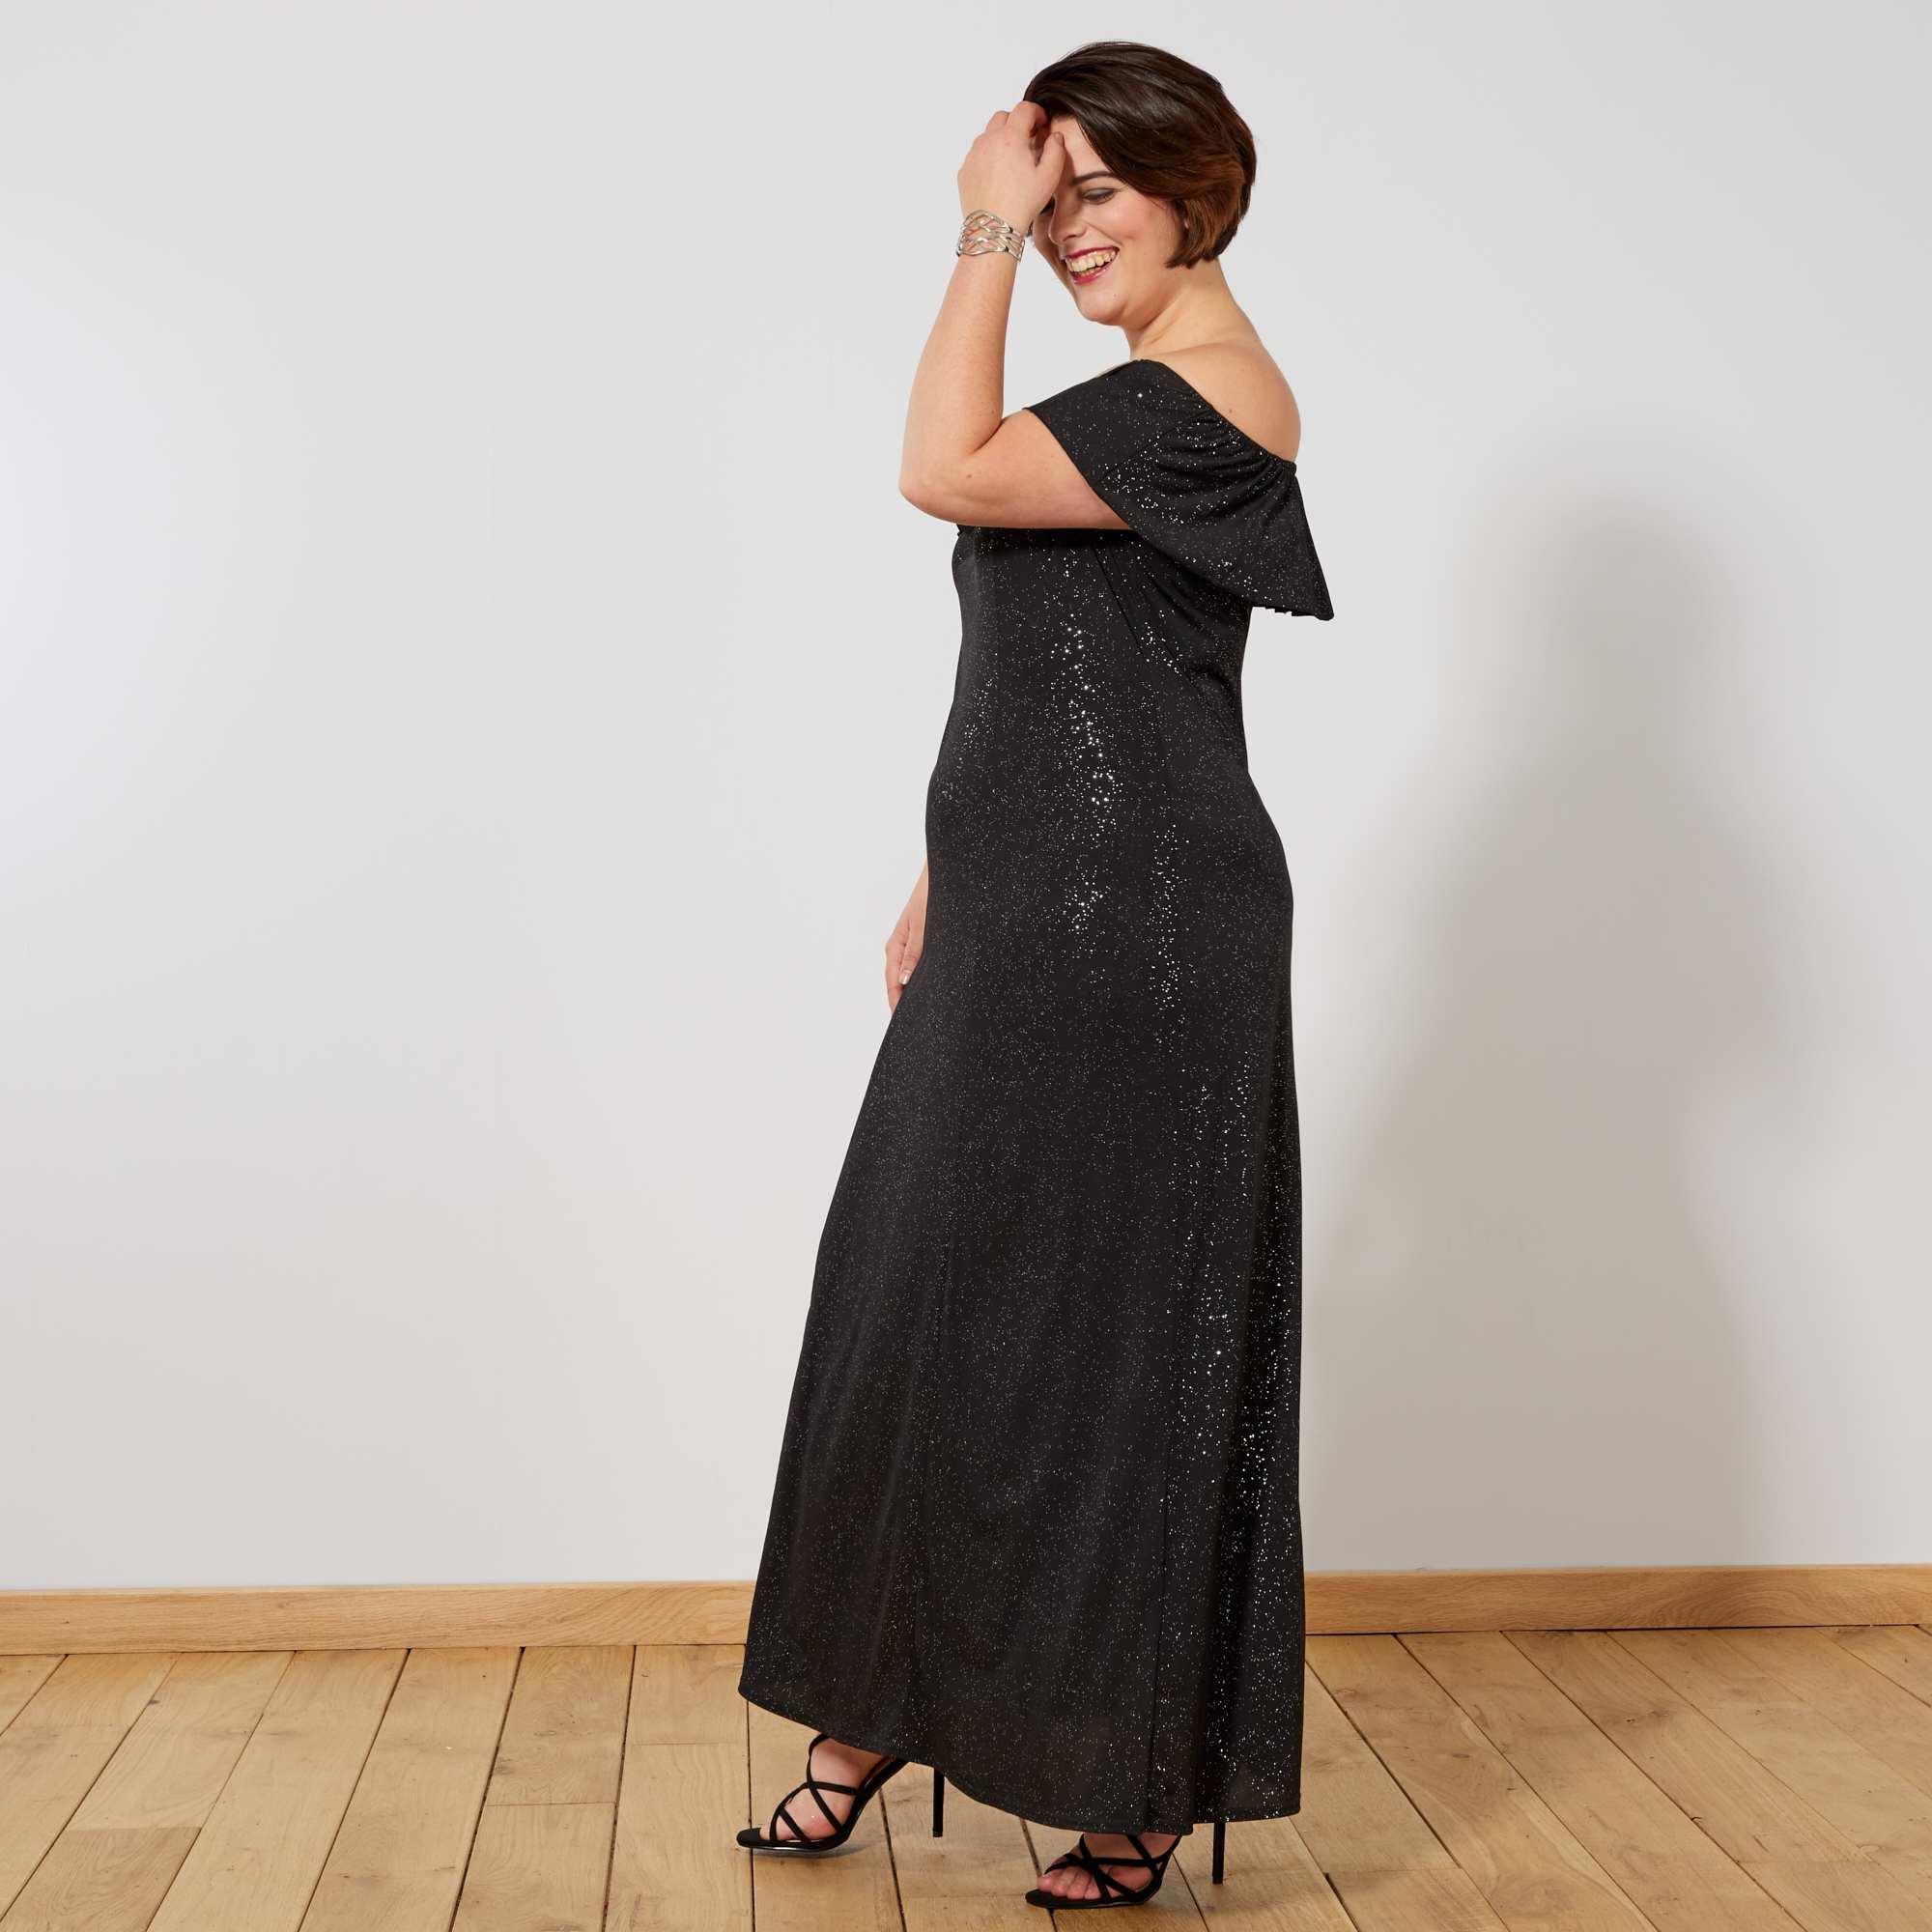 Vestidos de fiesta de mujer tallas grandes